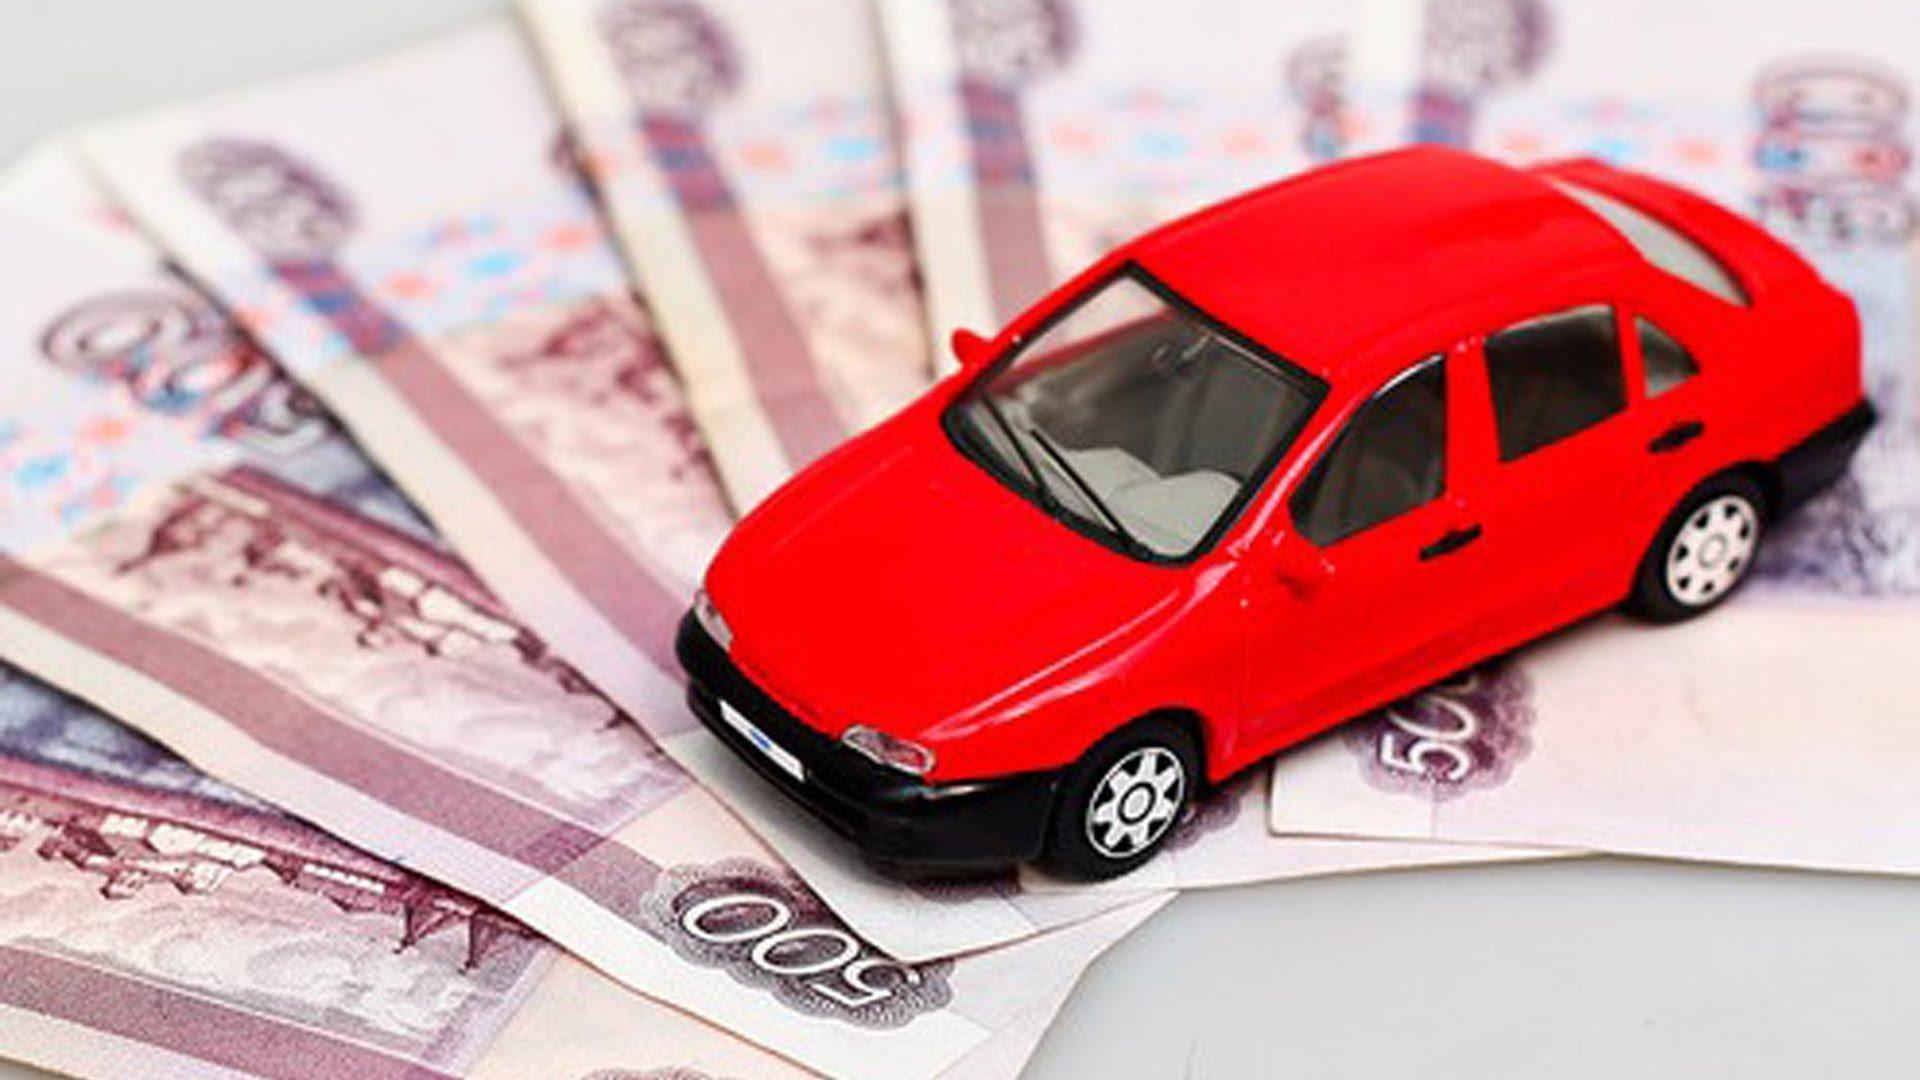 ВминпромторгеРФ опровергли сообщения о стремительном повышении цен наиномарки